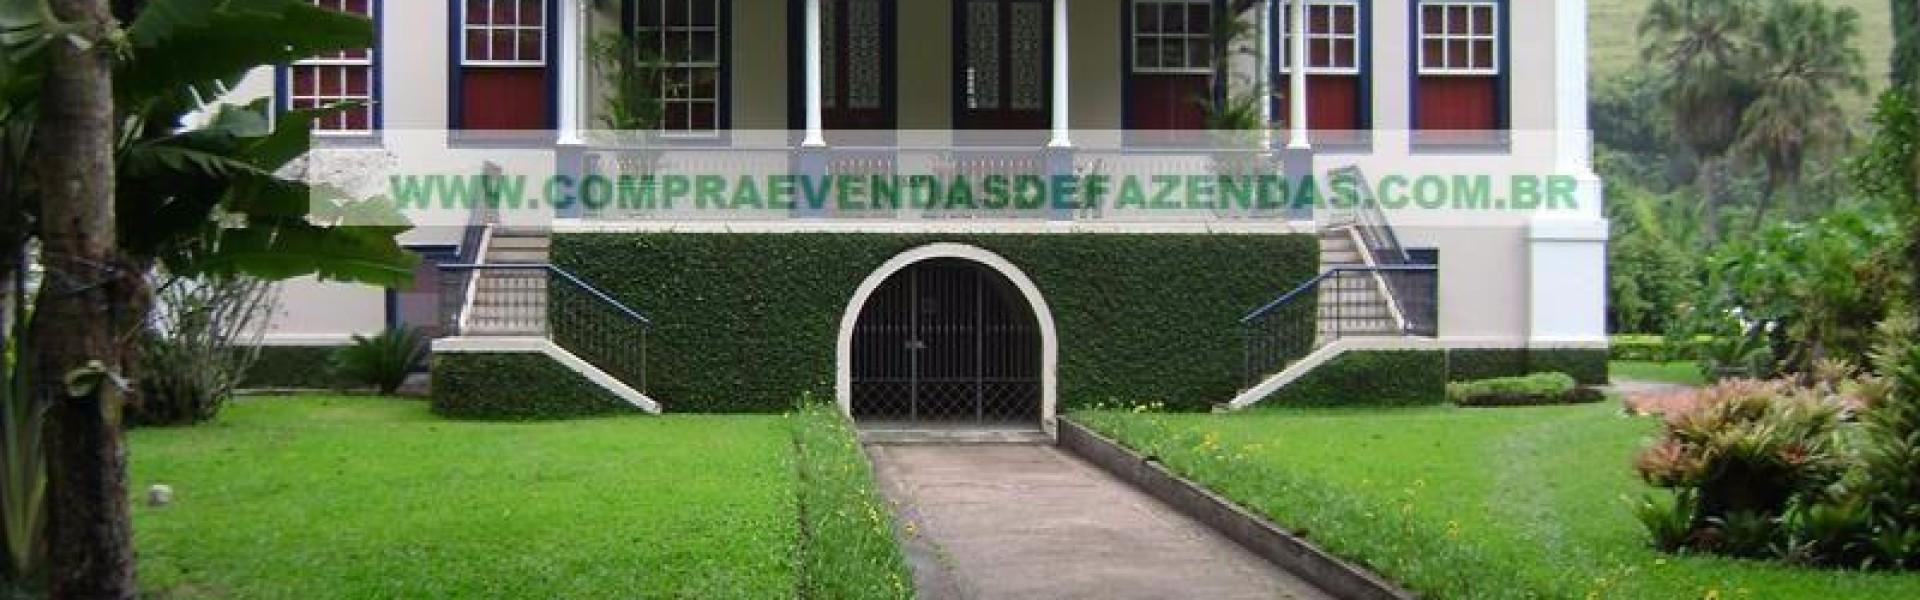 FAZENDA EM BROTAS SP